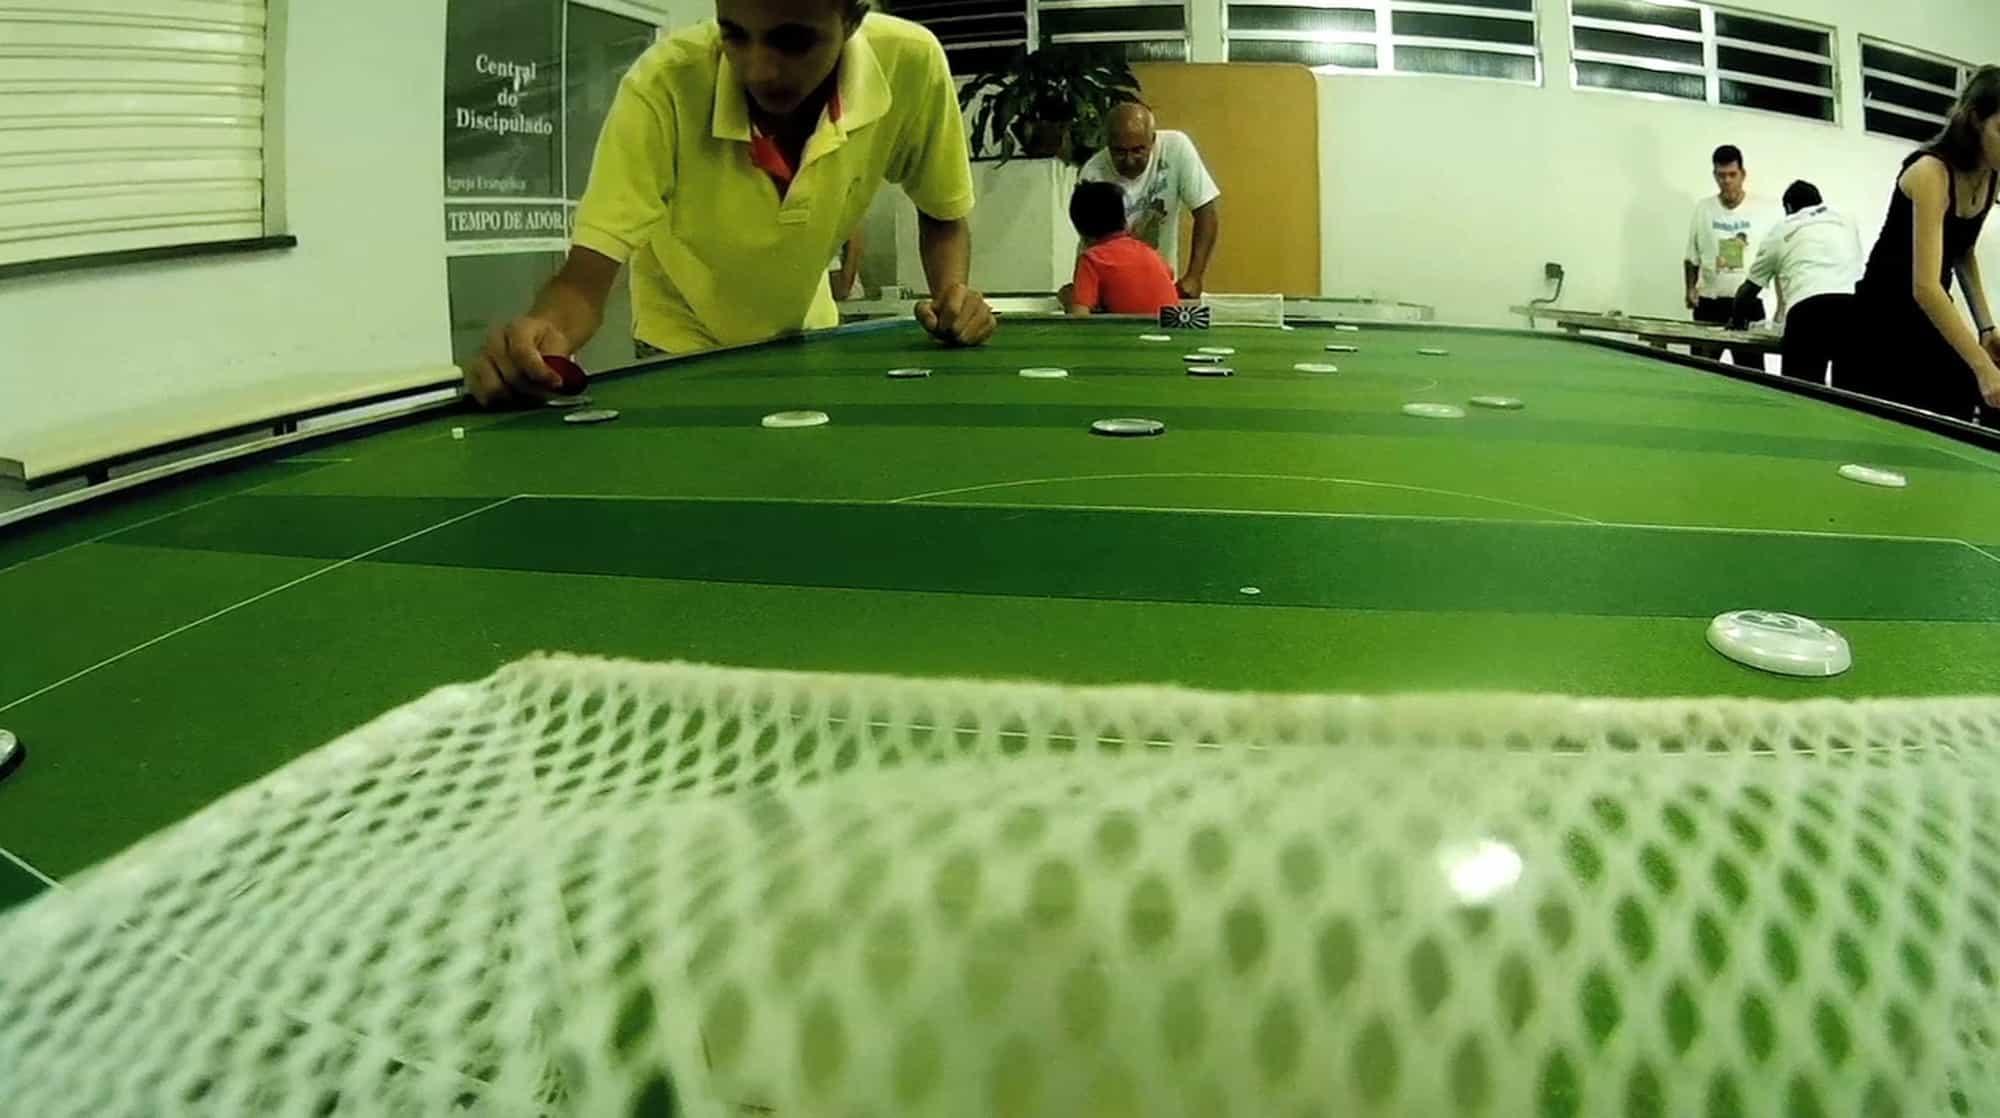 Criança jogando futebol de botão em mesa vista de trás de uma das traves.